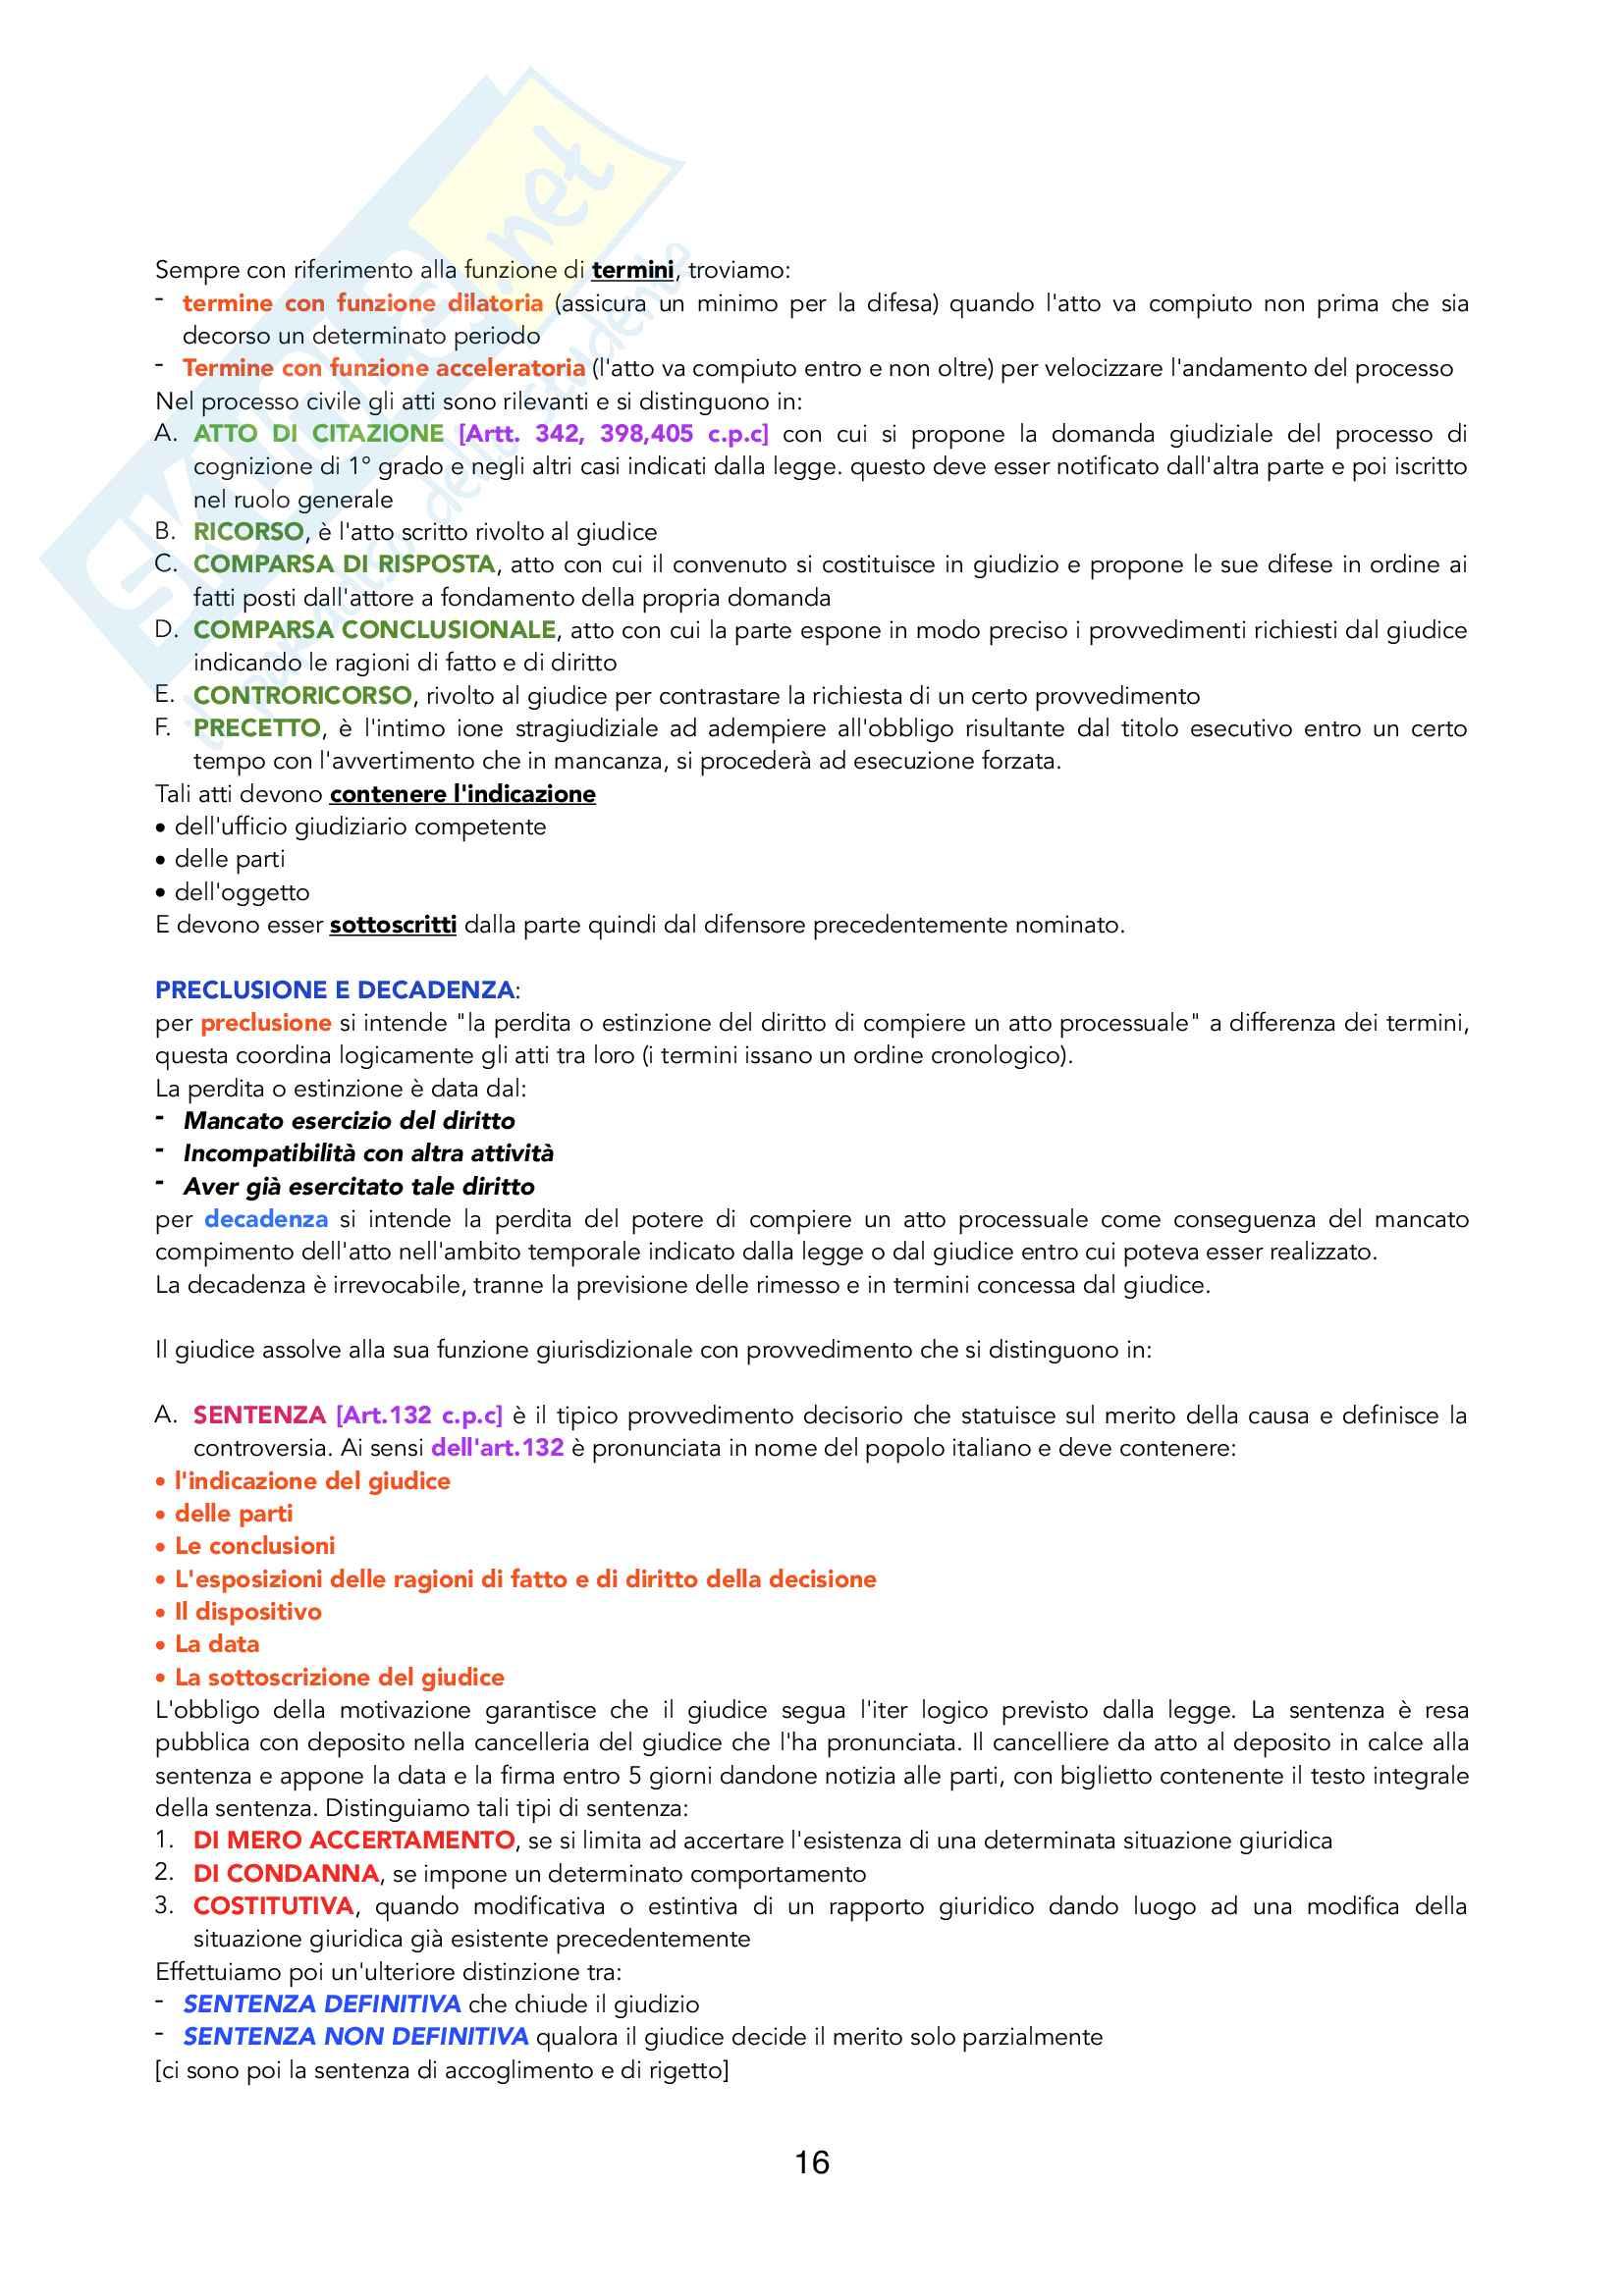 Riassunto di Processuale Civile, prof. Filippo Corsini, libri consigliati M.Bove + Compendio Simone (parte generale) e G.Verde (parte speciale) Pag. 16